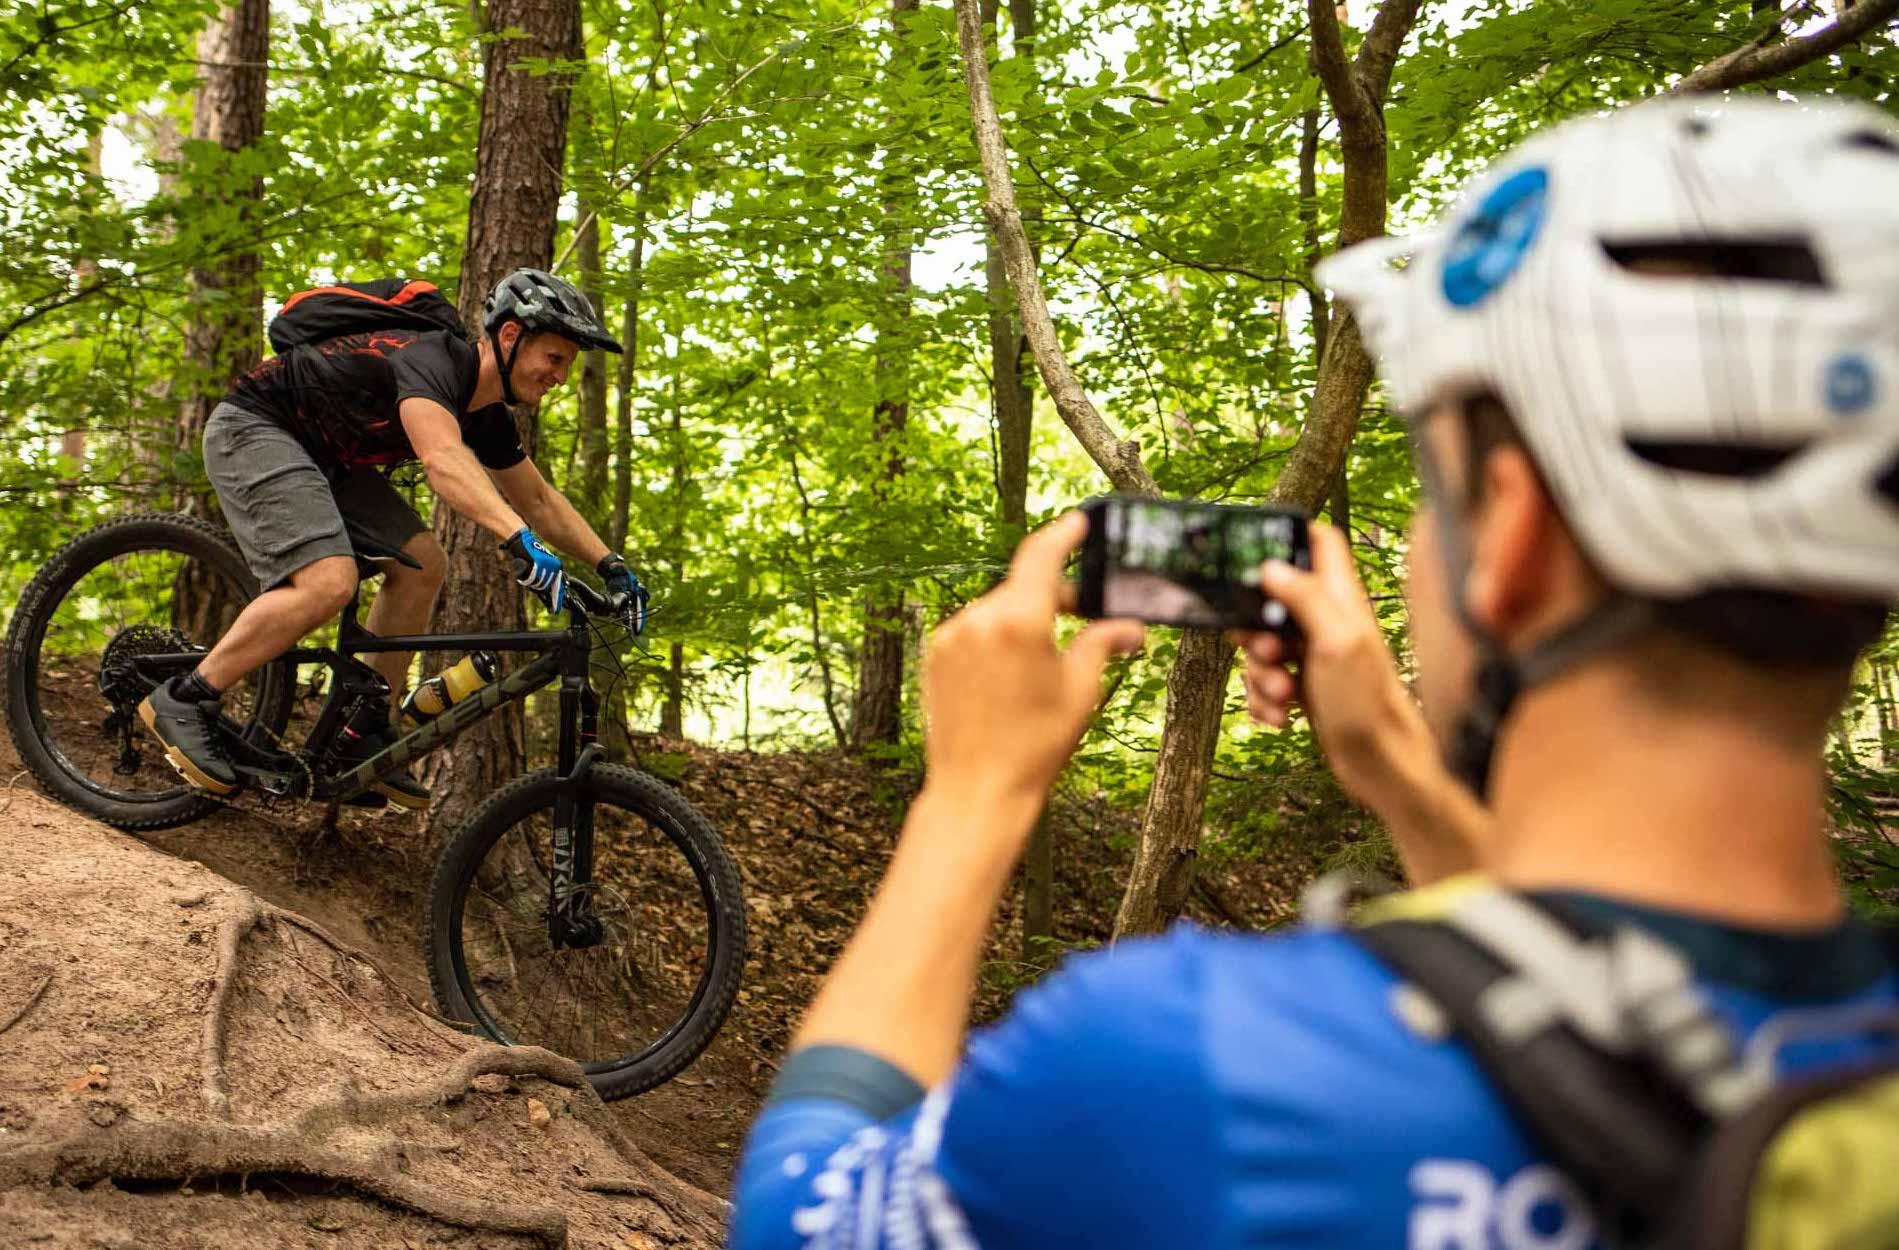 MTB Fahrtechnik Kurs für Einsteiger in Hannover | Bad Salzdetfurth - Mountainbike Basic - Rock my Trail Bikeschule